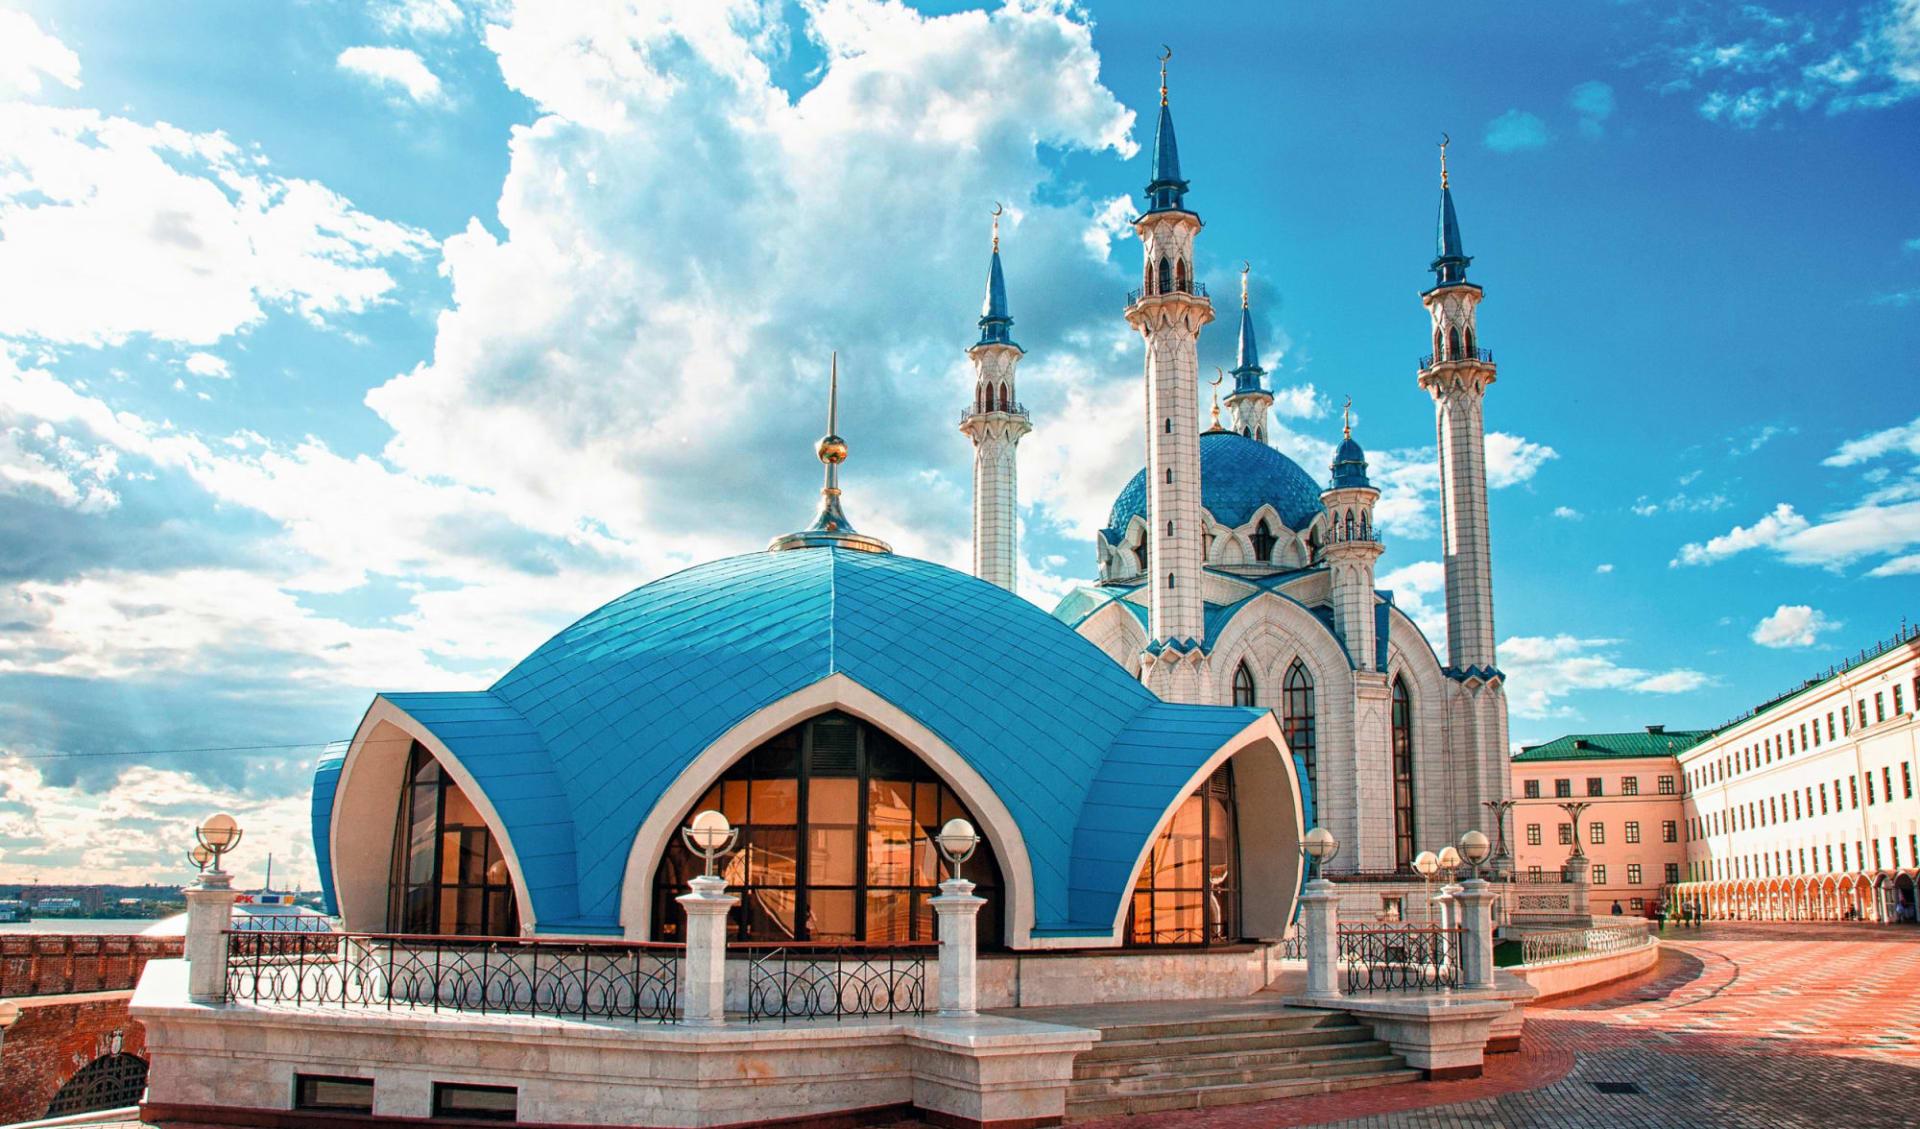 MS Volga Dream  Die südliche Wolga ab Moskau: Russland_Kasan_Kazan_Kul_Scharif_Moschee_Wolga_Fluss_shutterstock_495351964_Elena11